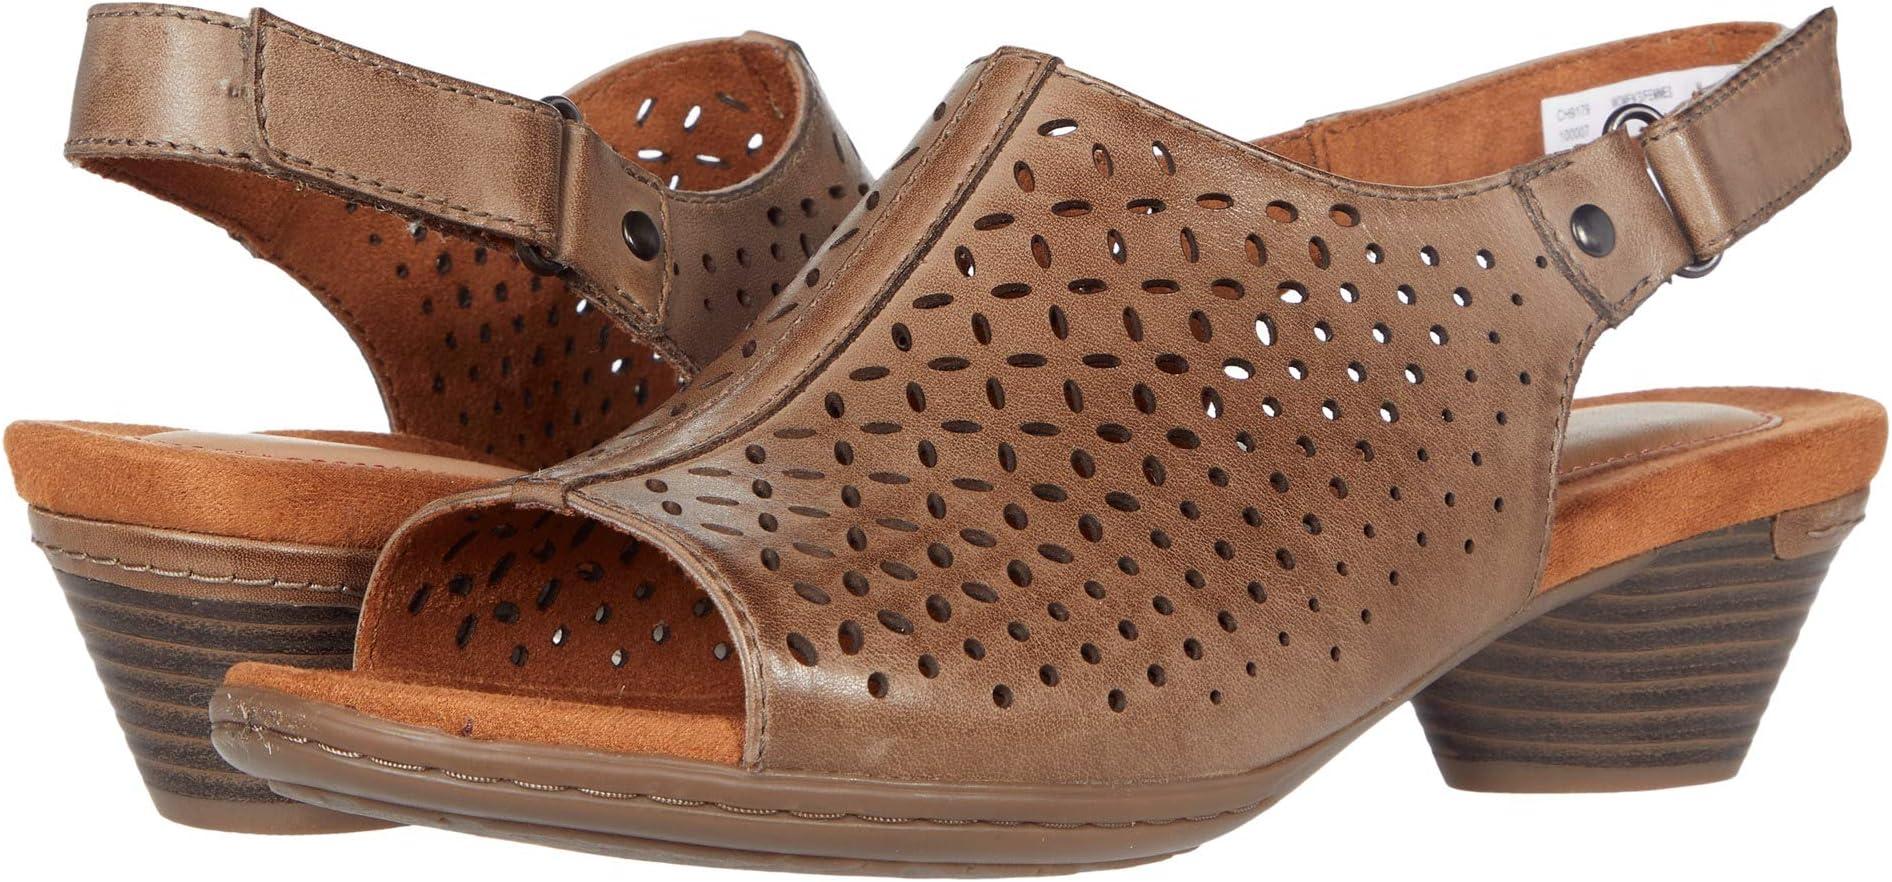 Cobb Hill Heels